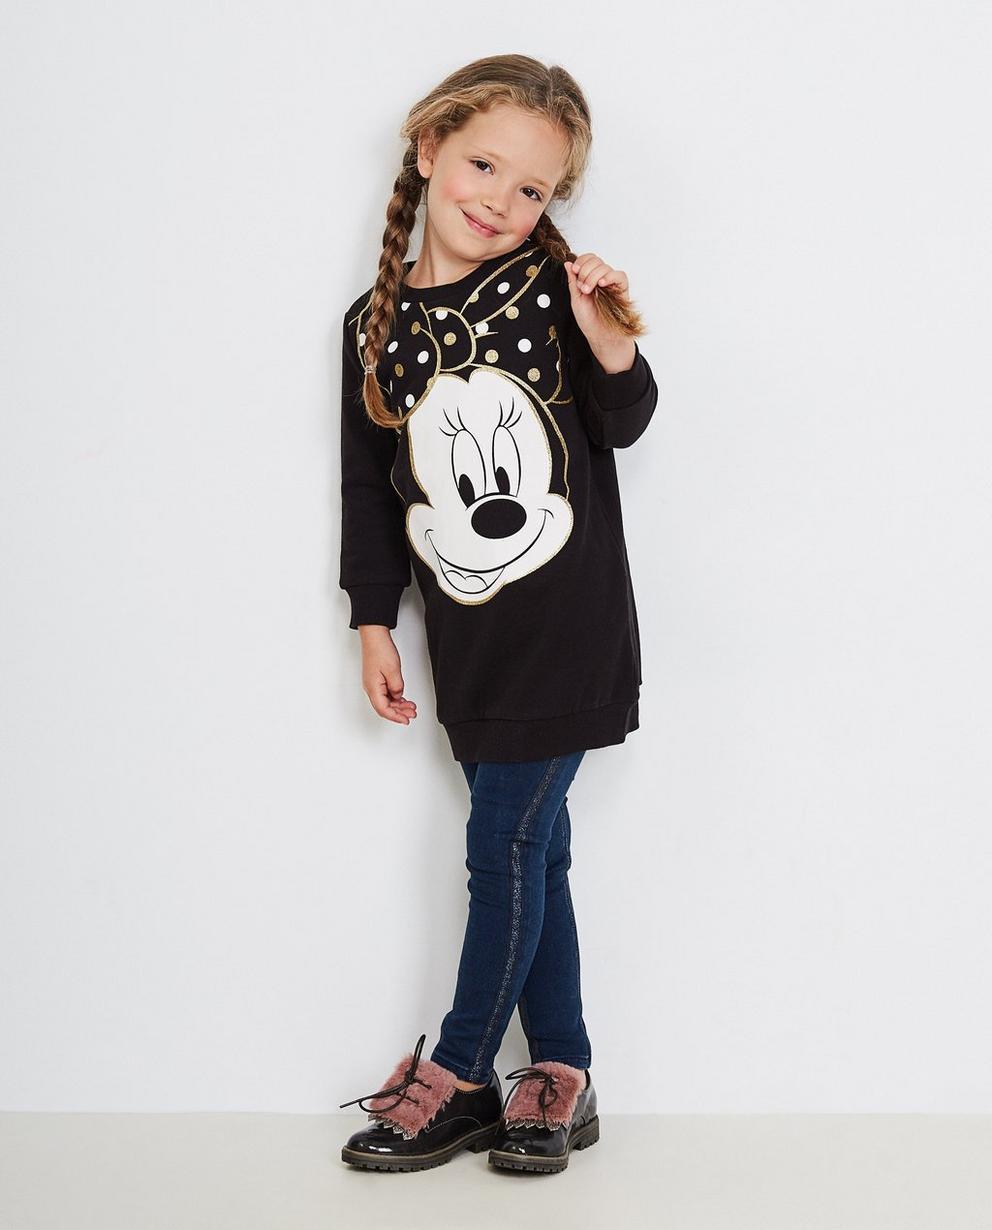 Schwarzes Sweatkleid - mit Glitzerprint, Minnie Mouse - Mickey